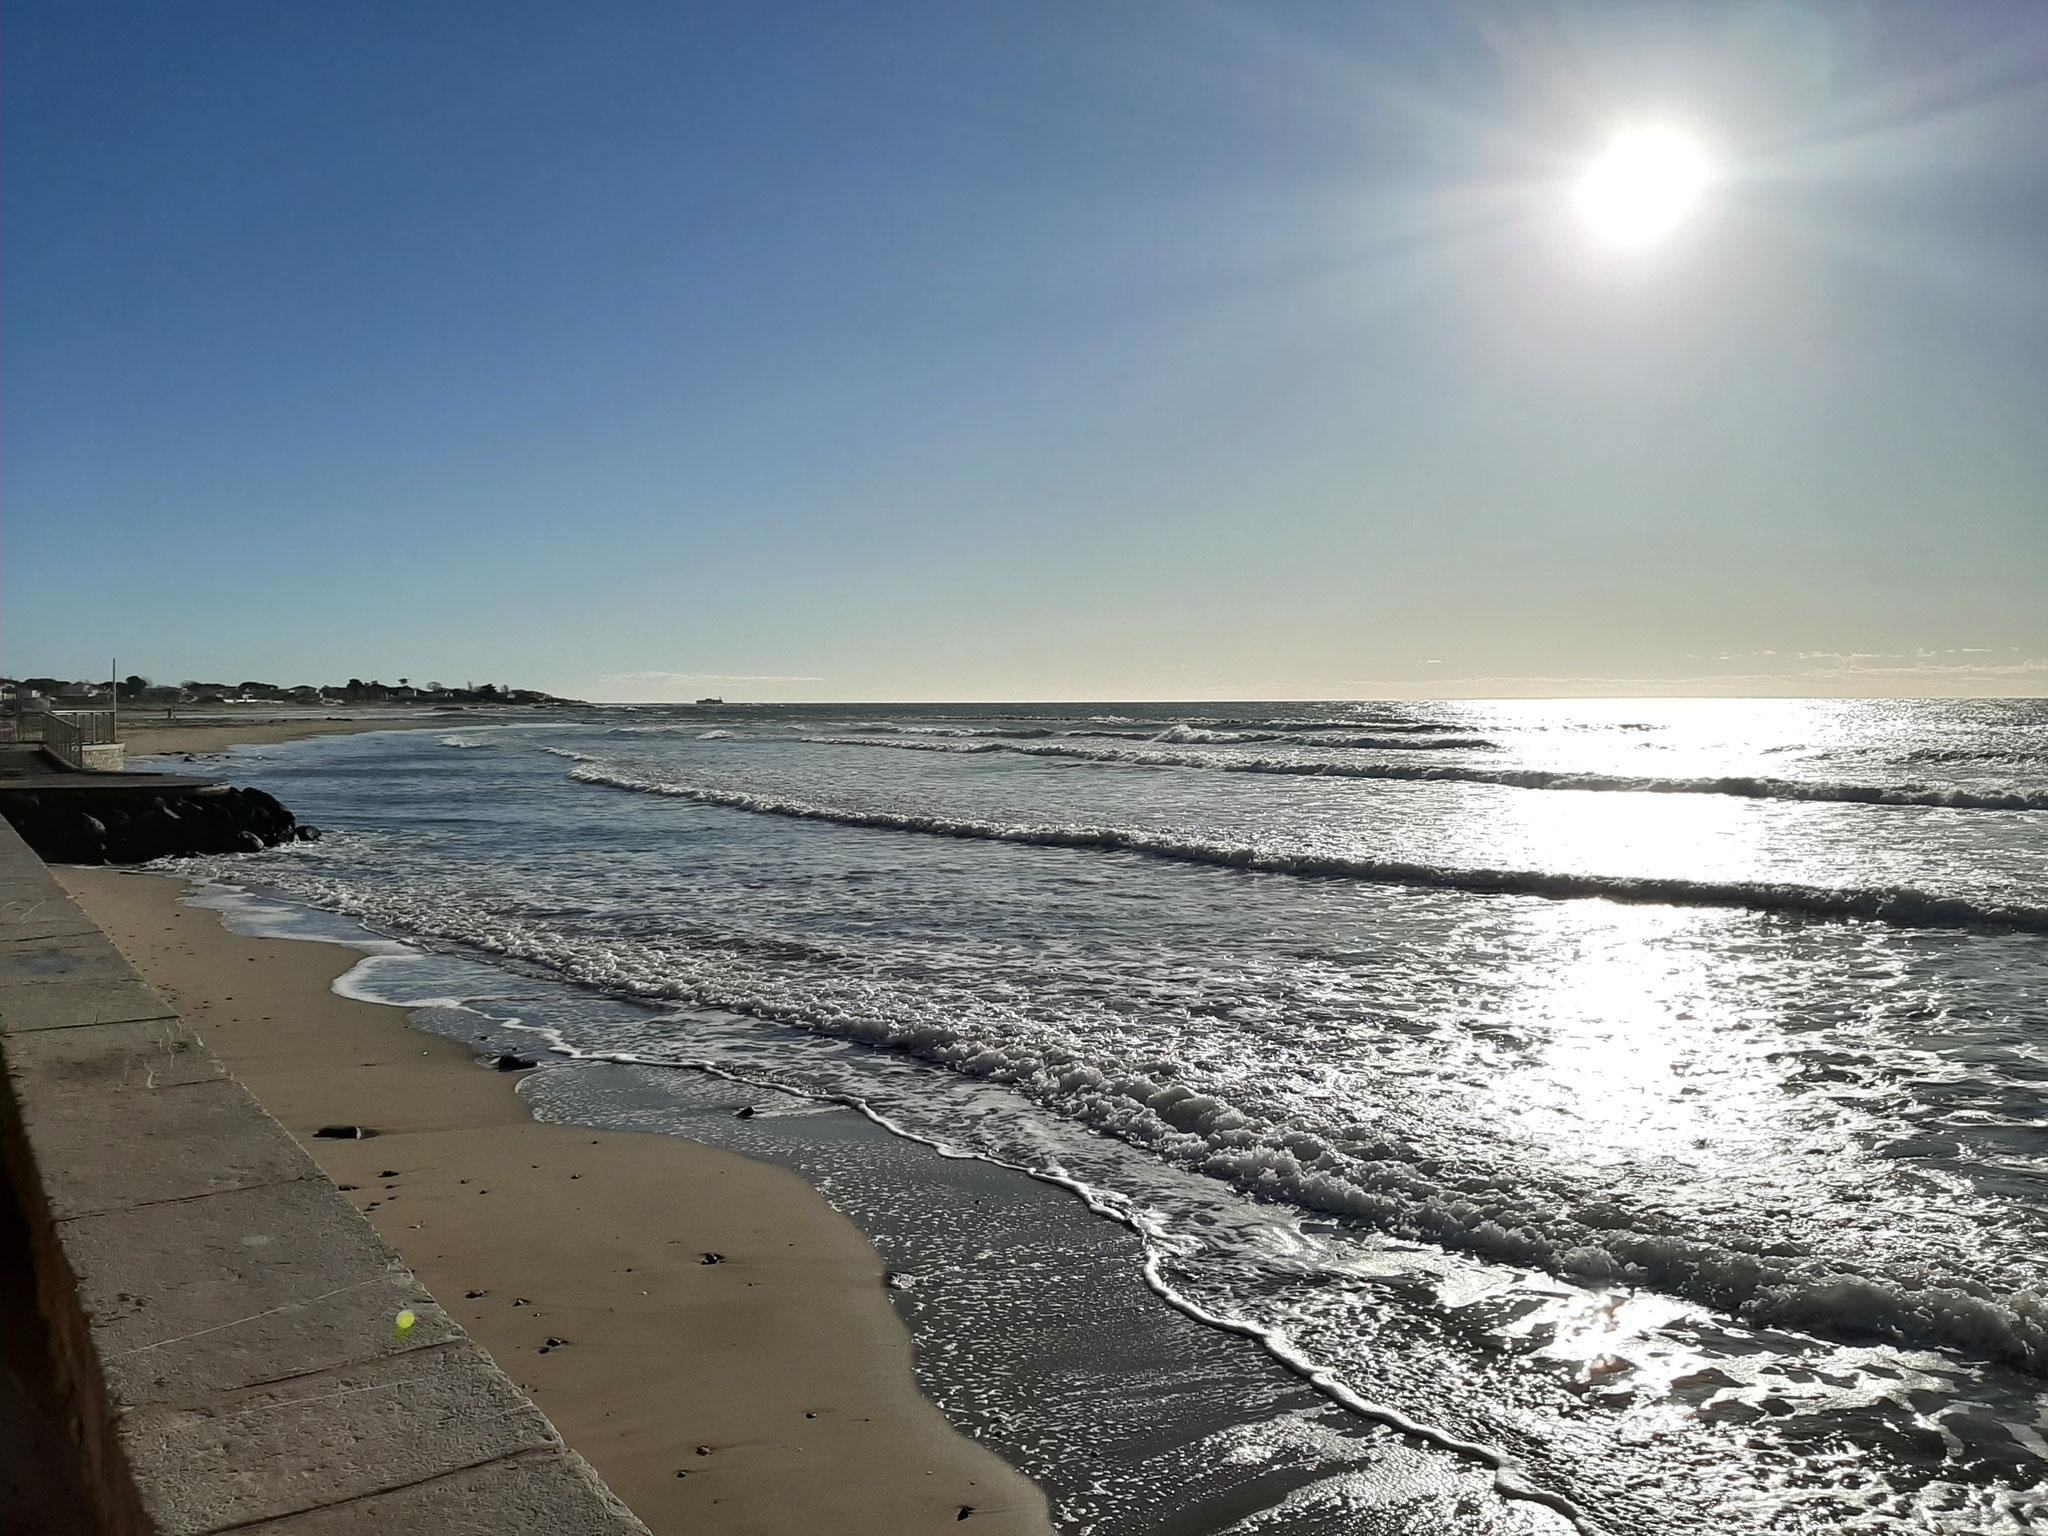 Un samedi de décembre à la plage.